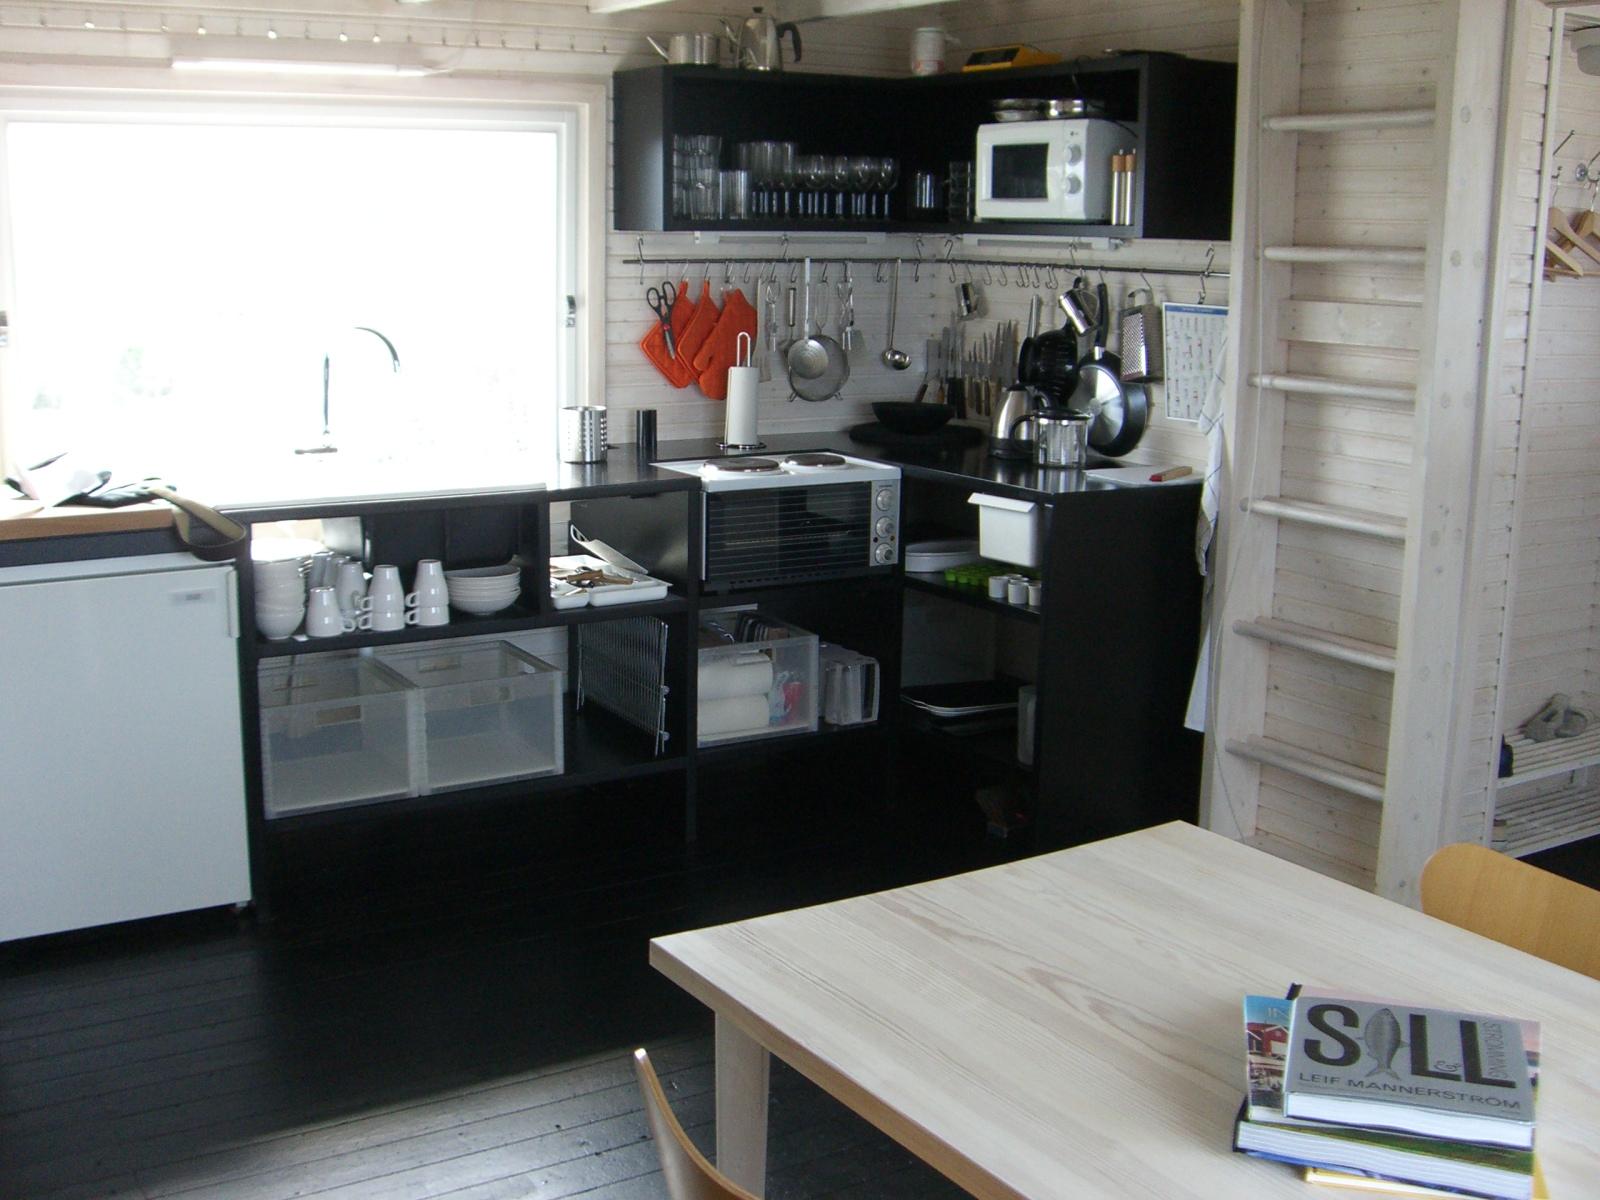 Küche/Essen-2 | Lerkil232